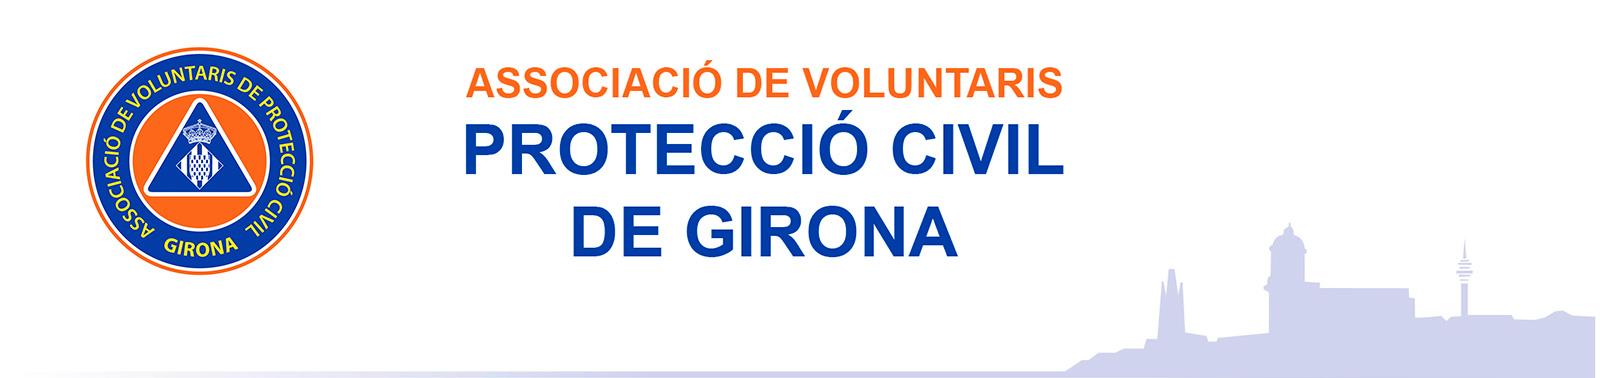 Associació de Voluntaris de Protecció Civil de Girona